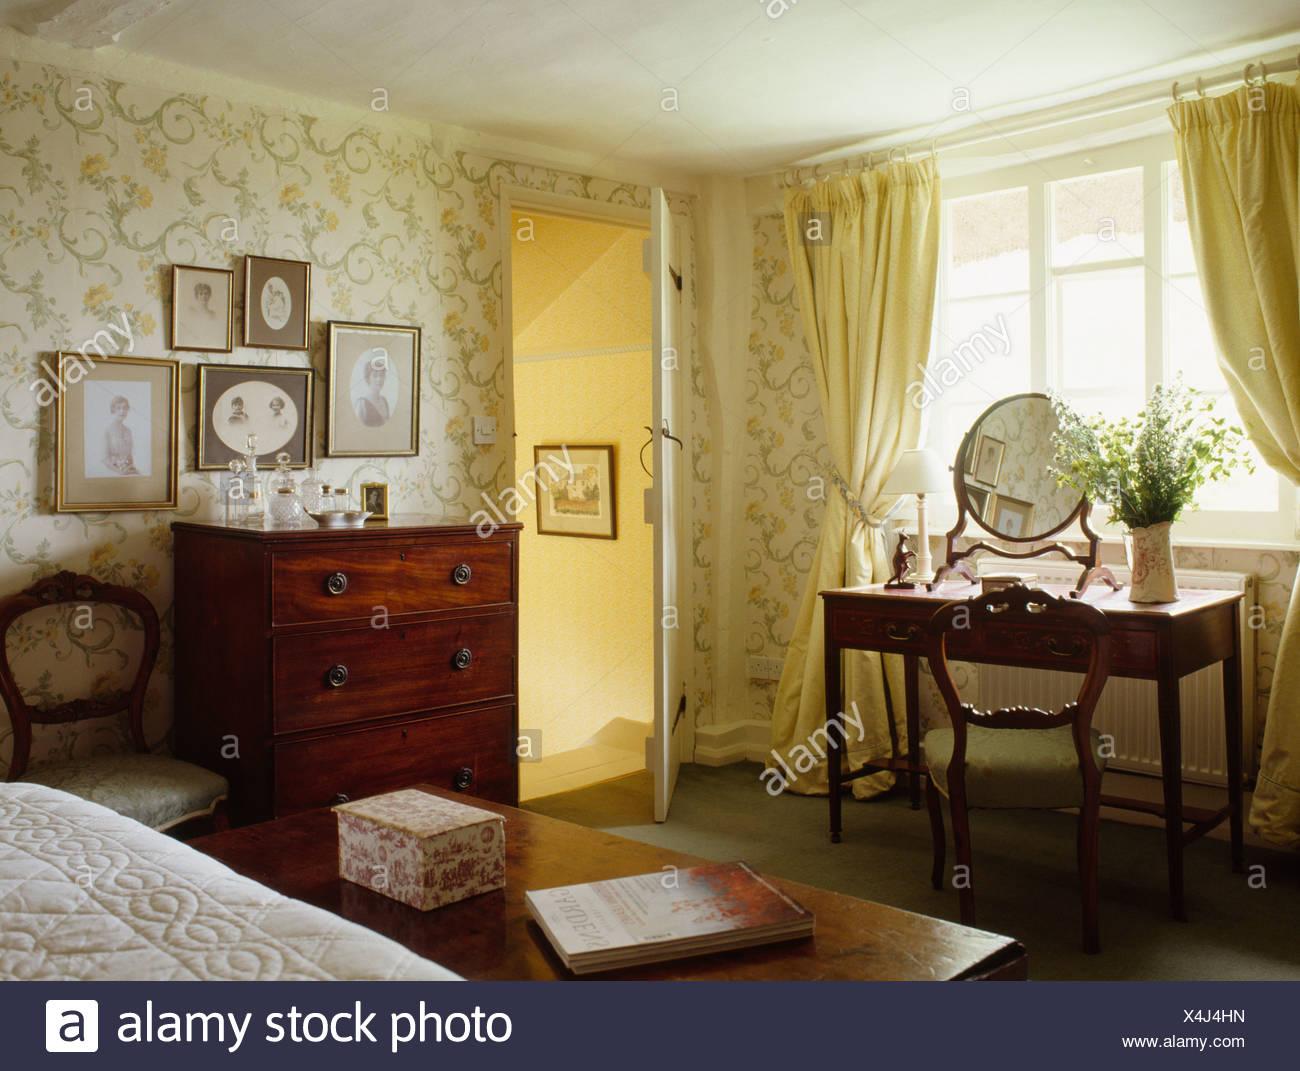 Rideaux jaune pastel dans un chambre avec un papier peint à motifs ...